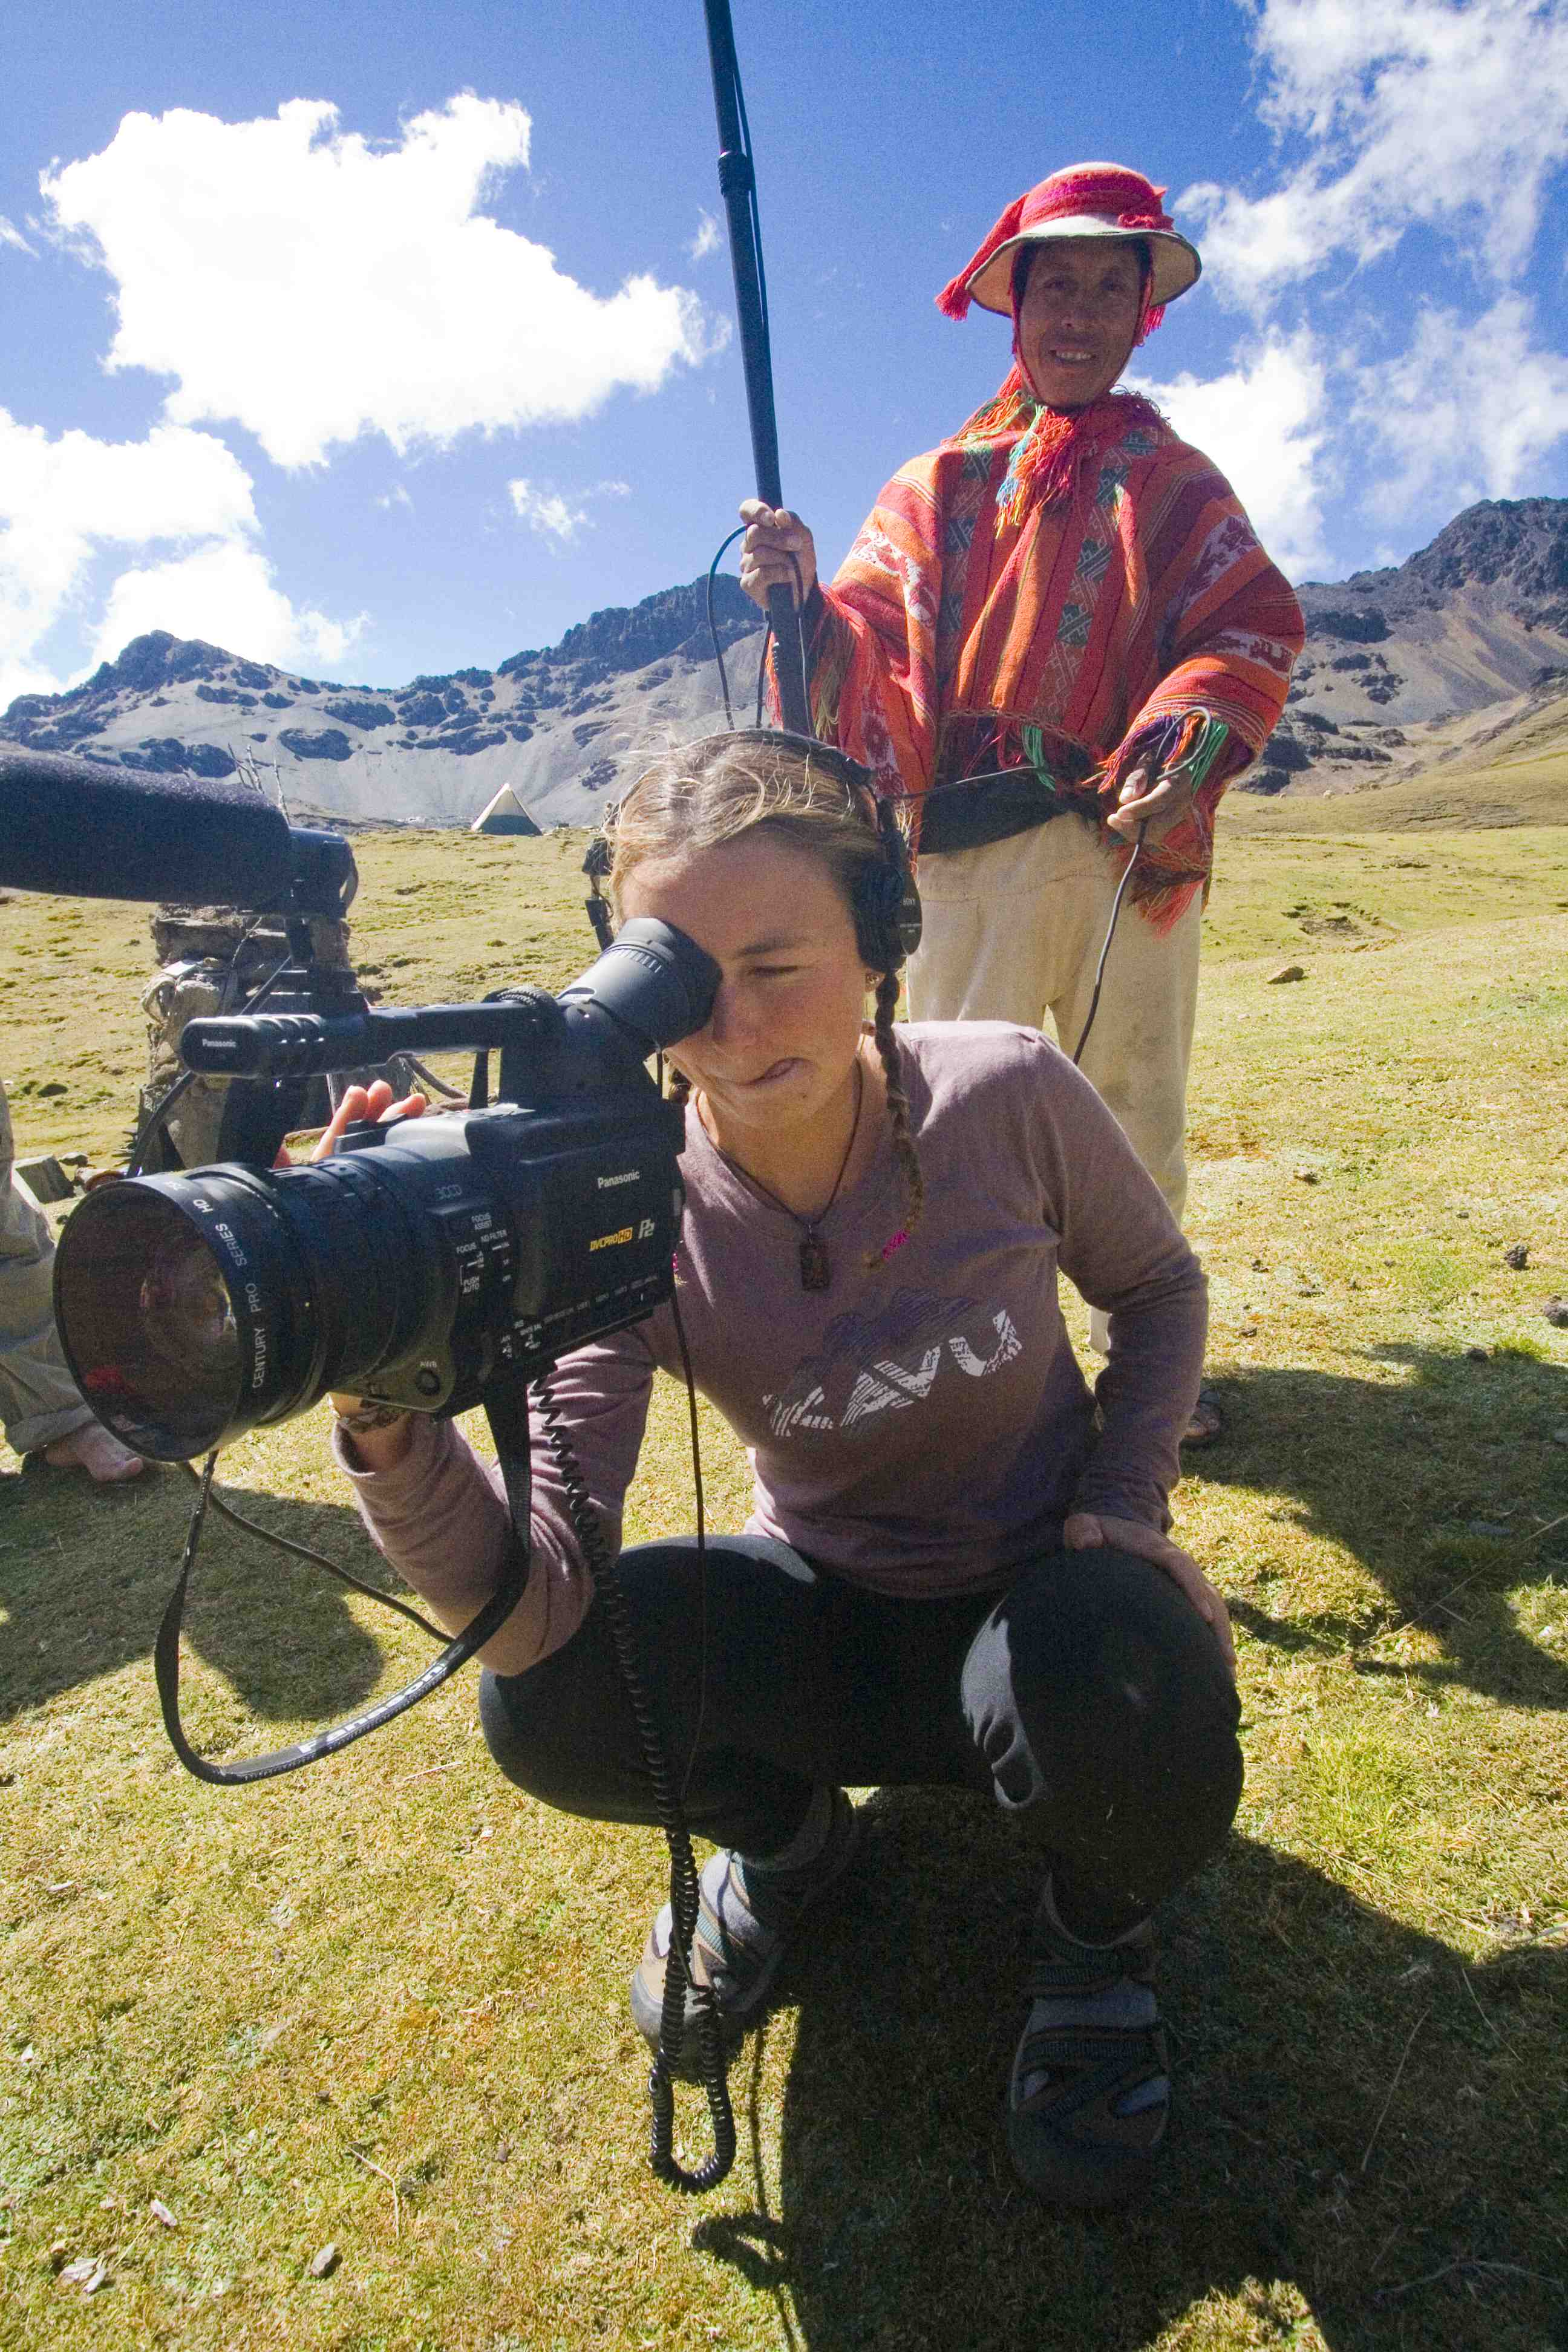 喜马拉雅山,科罗拉多州,夏威夷,人猿泰山,尼泊尔 她生来居无定所,却活出了最美丽的人生 f1b69efe631f8f7db184fabdf48032e2.jpg